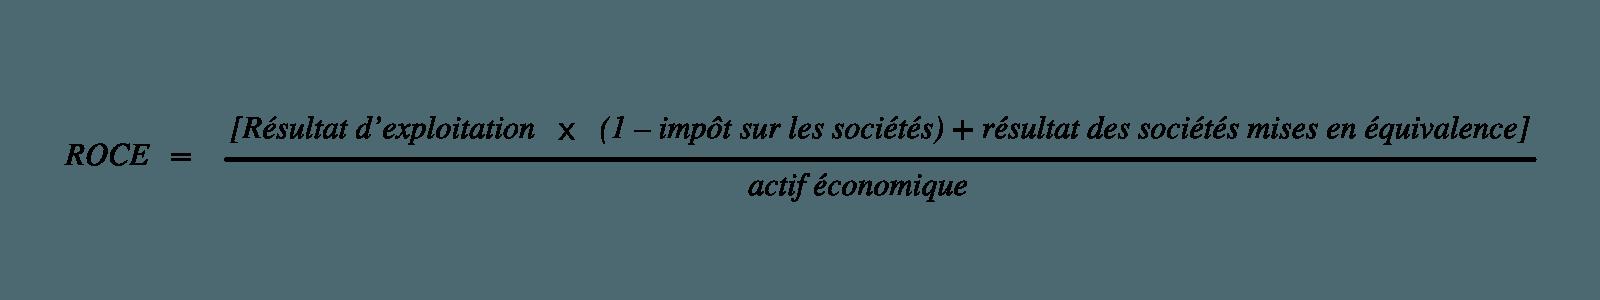 Calcul du ROCE dans le cadre de l'analyse financière de l'entreprise